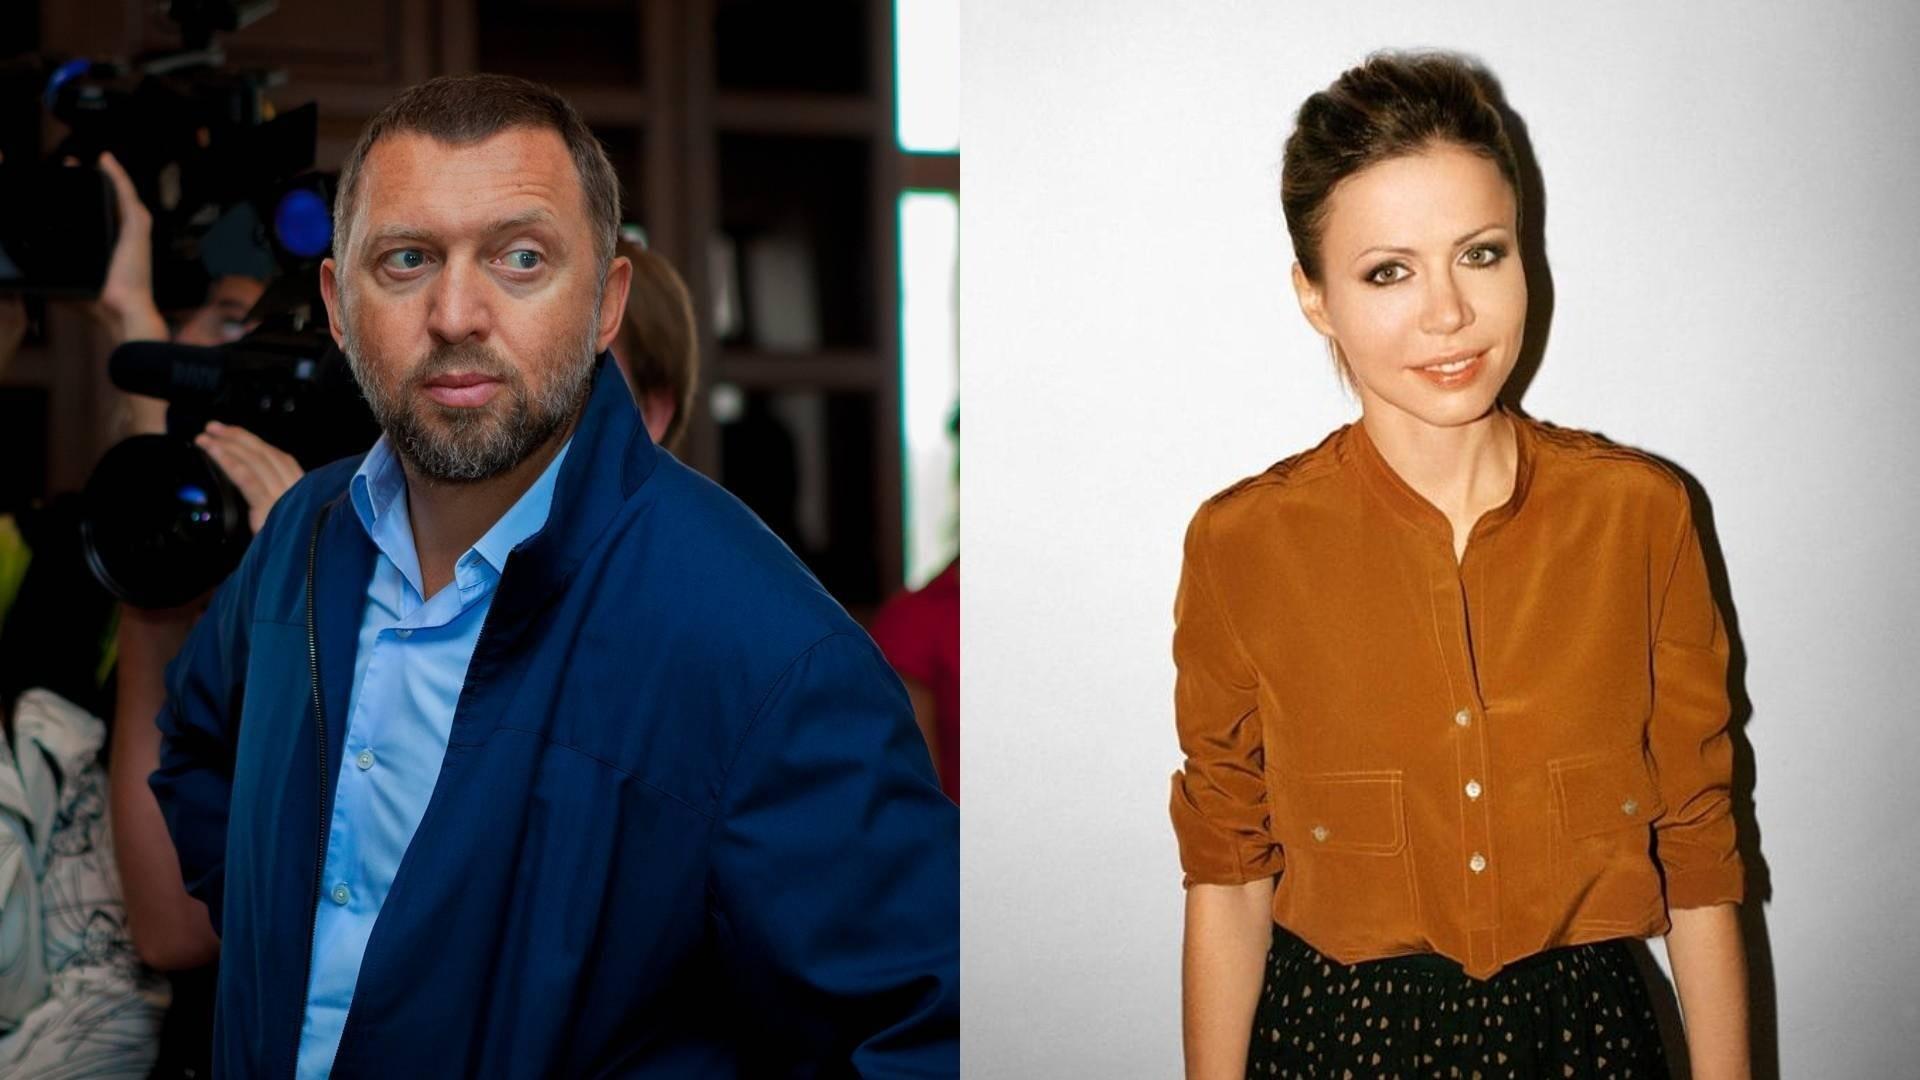 Российские олигархи, которые женились на женщинах немодельной внешности